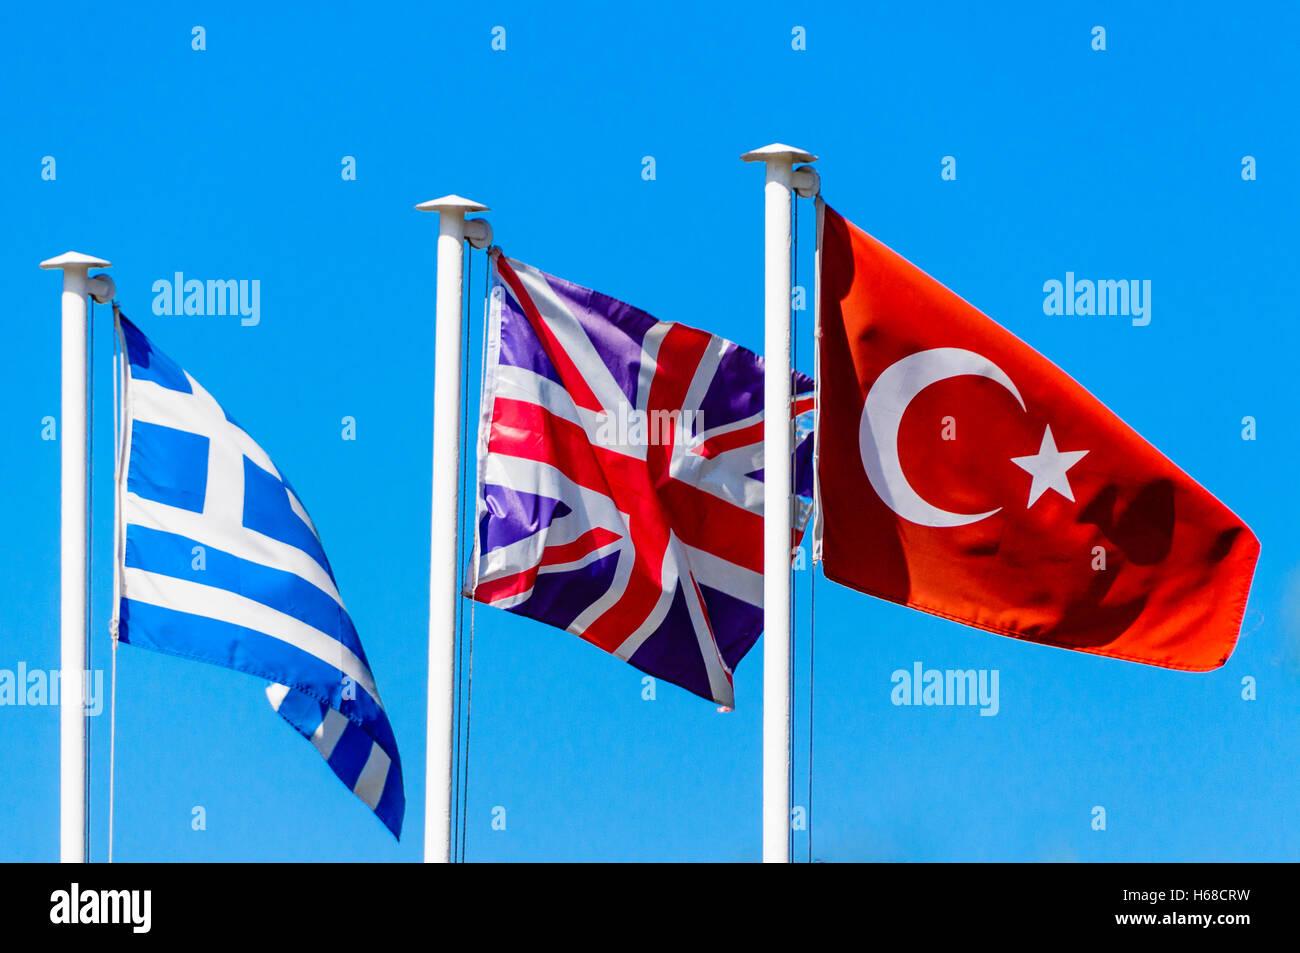 Bagno Turco In Inglese : Bagno turco inglese britannico del regno unito e grecia bandiere